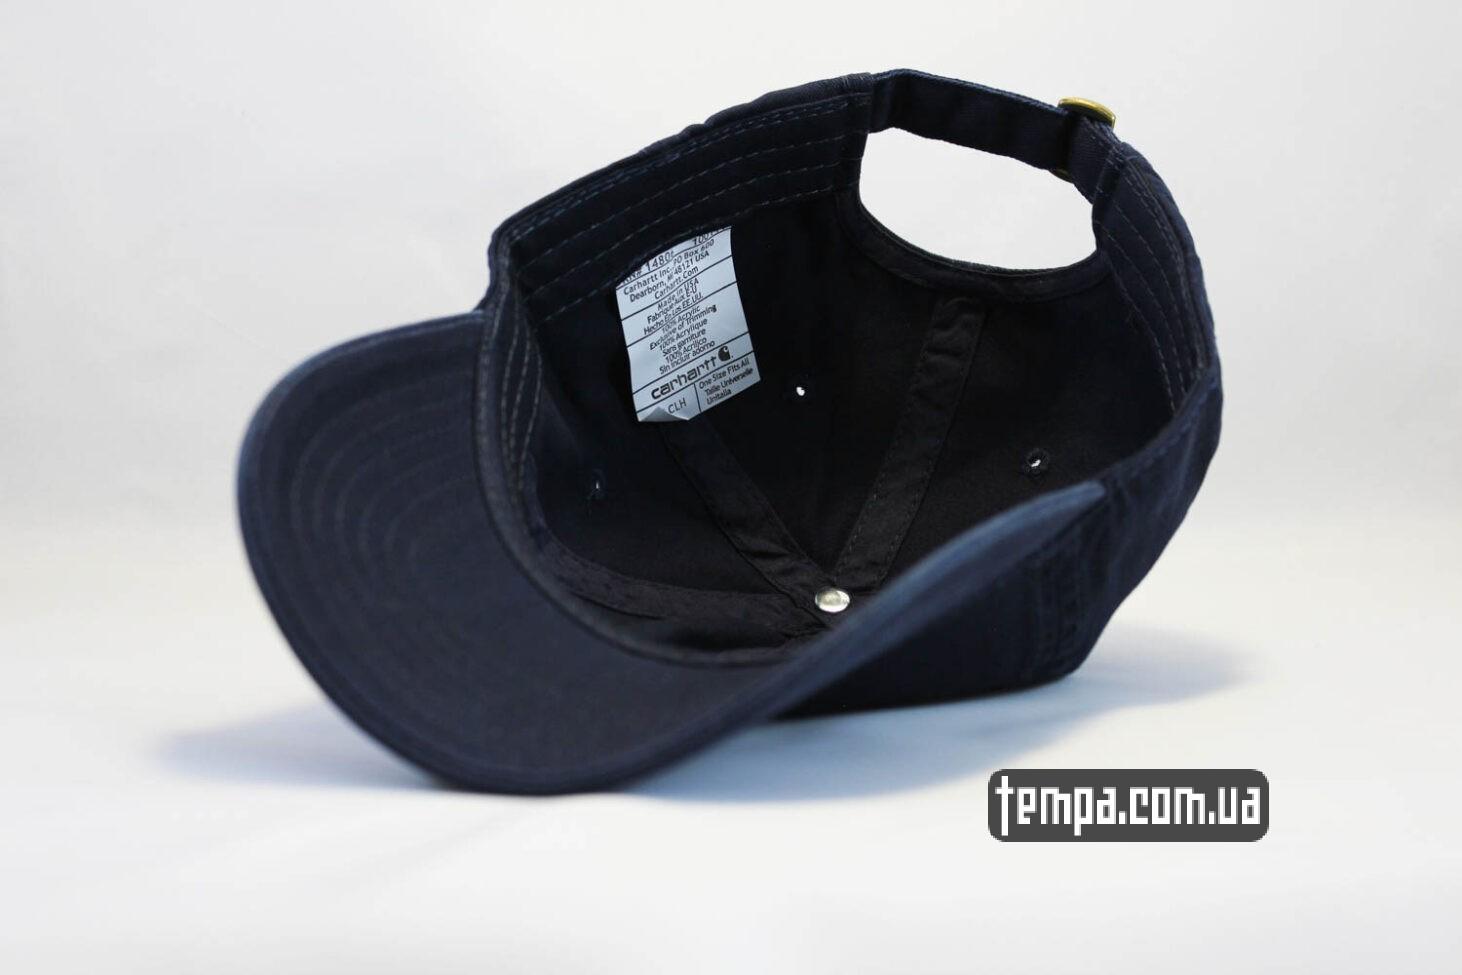 кархарт оригинал кепка бейсболка Carhartt синяя кожаный логотип